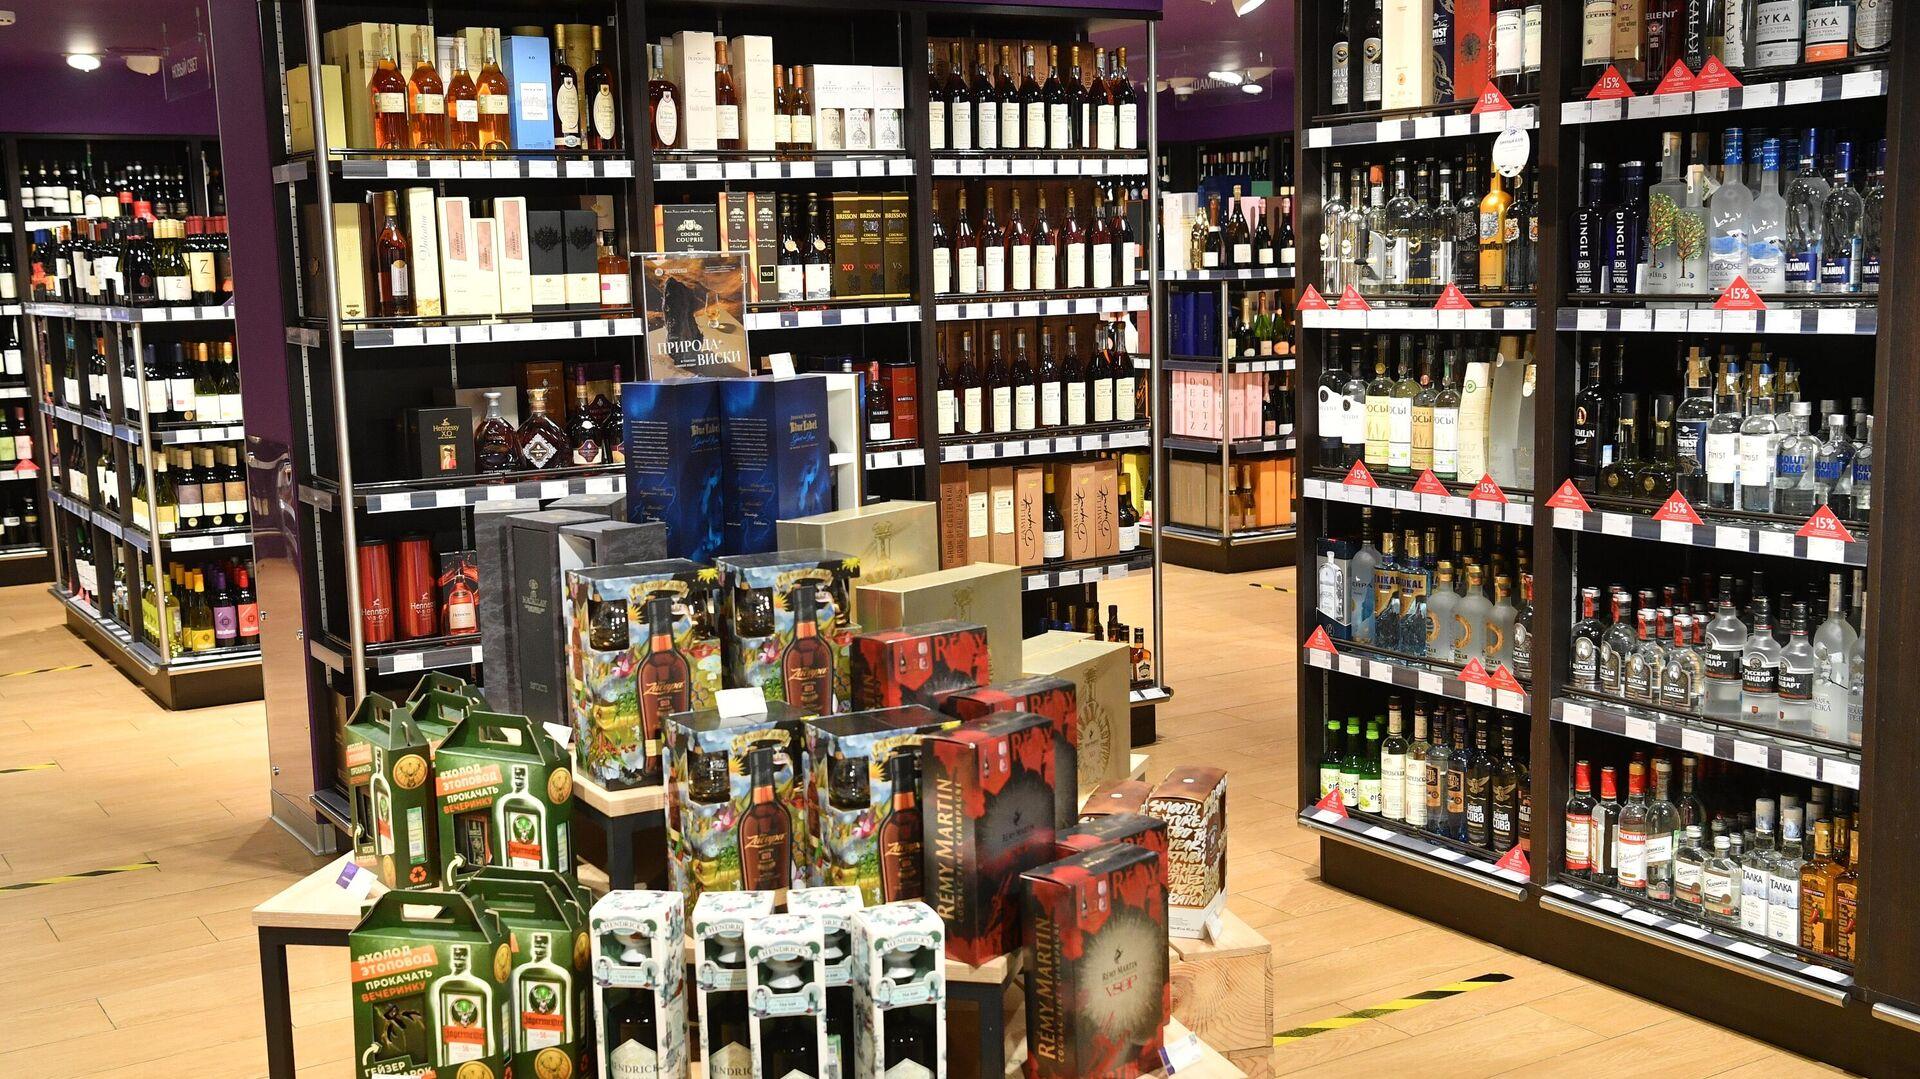 Продажа алкогольной продукции в магазине Азбука Вкуса в Москве - РИА Новости, 1920, 12.08.2021